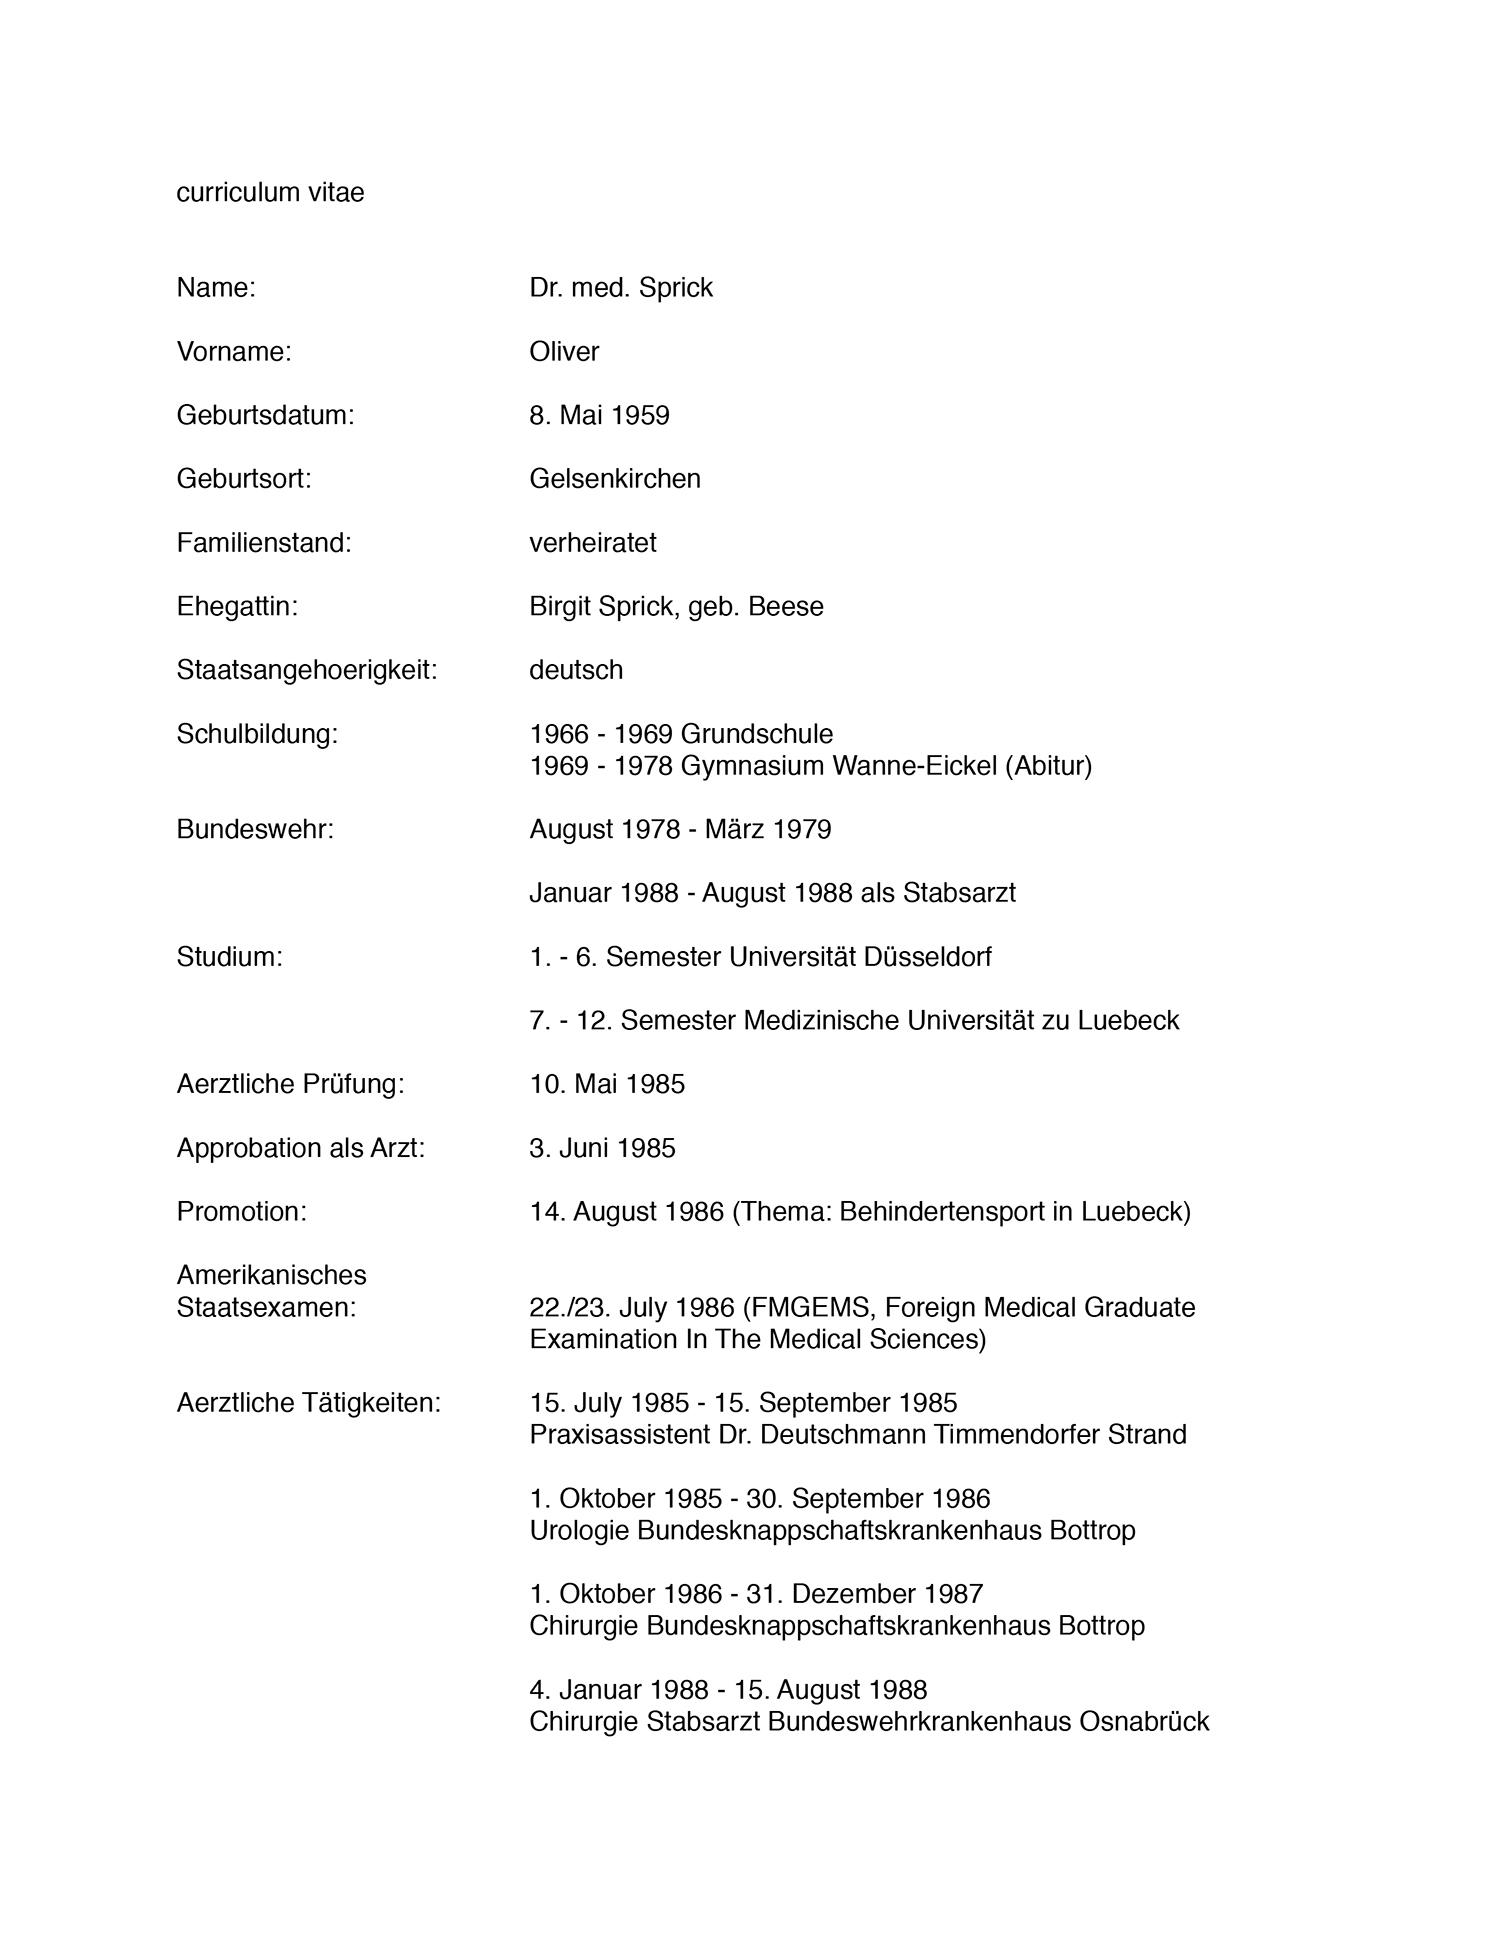 Erfreut Autoabsatzziel Auf Lebenslauf Zeitgenössisch - Entry Level ...